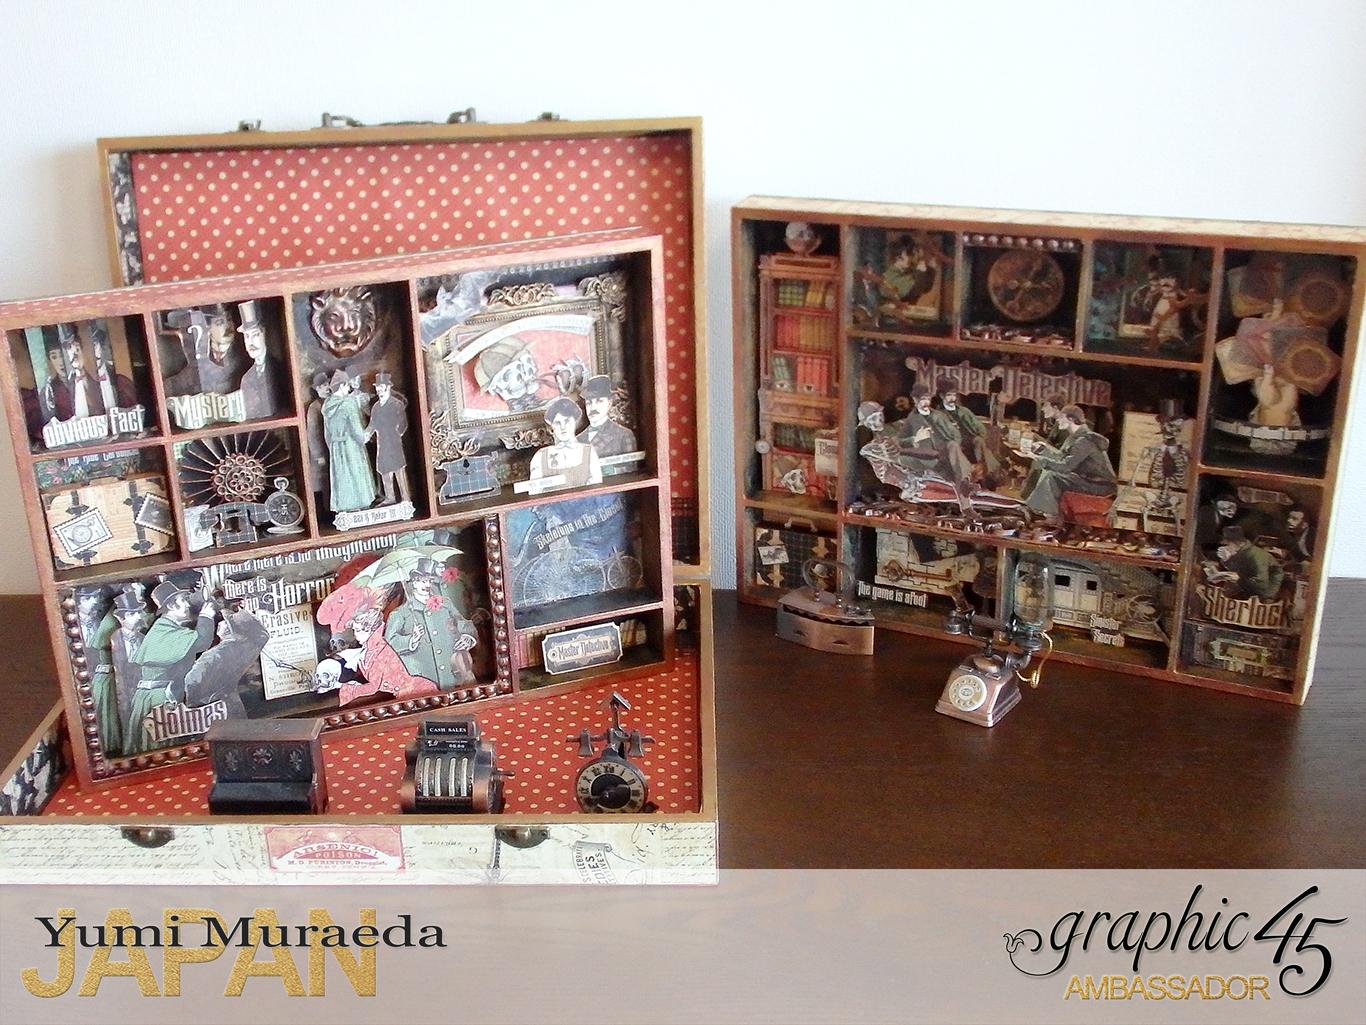 5yuyu3MasterdetactiveSecretRoomdesignbyYumiMuraedaProductByGraphic45.jpg